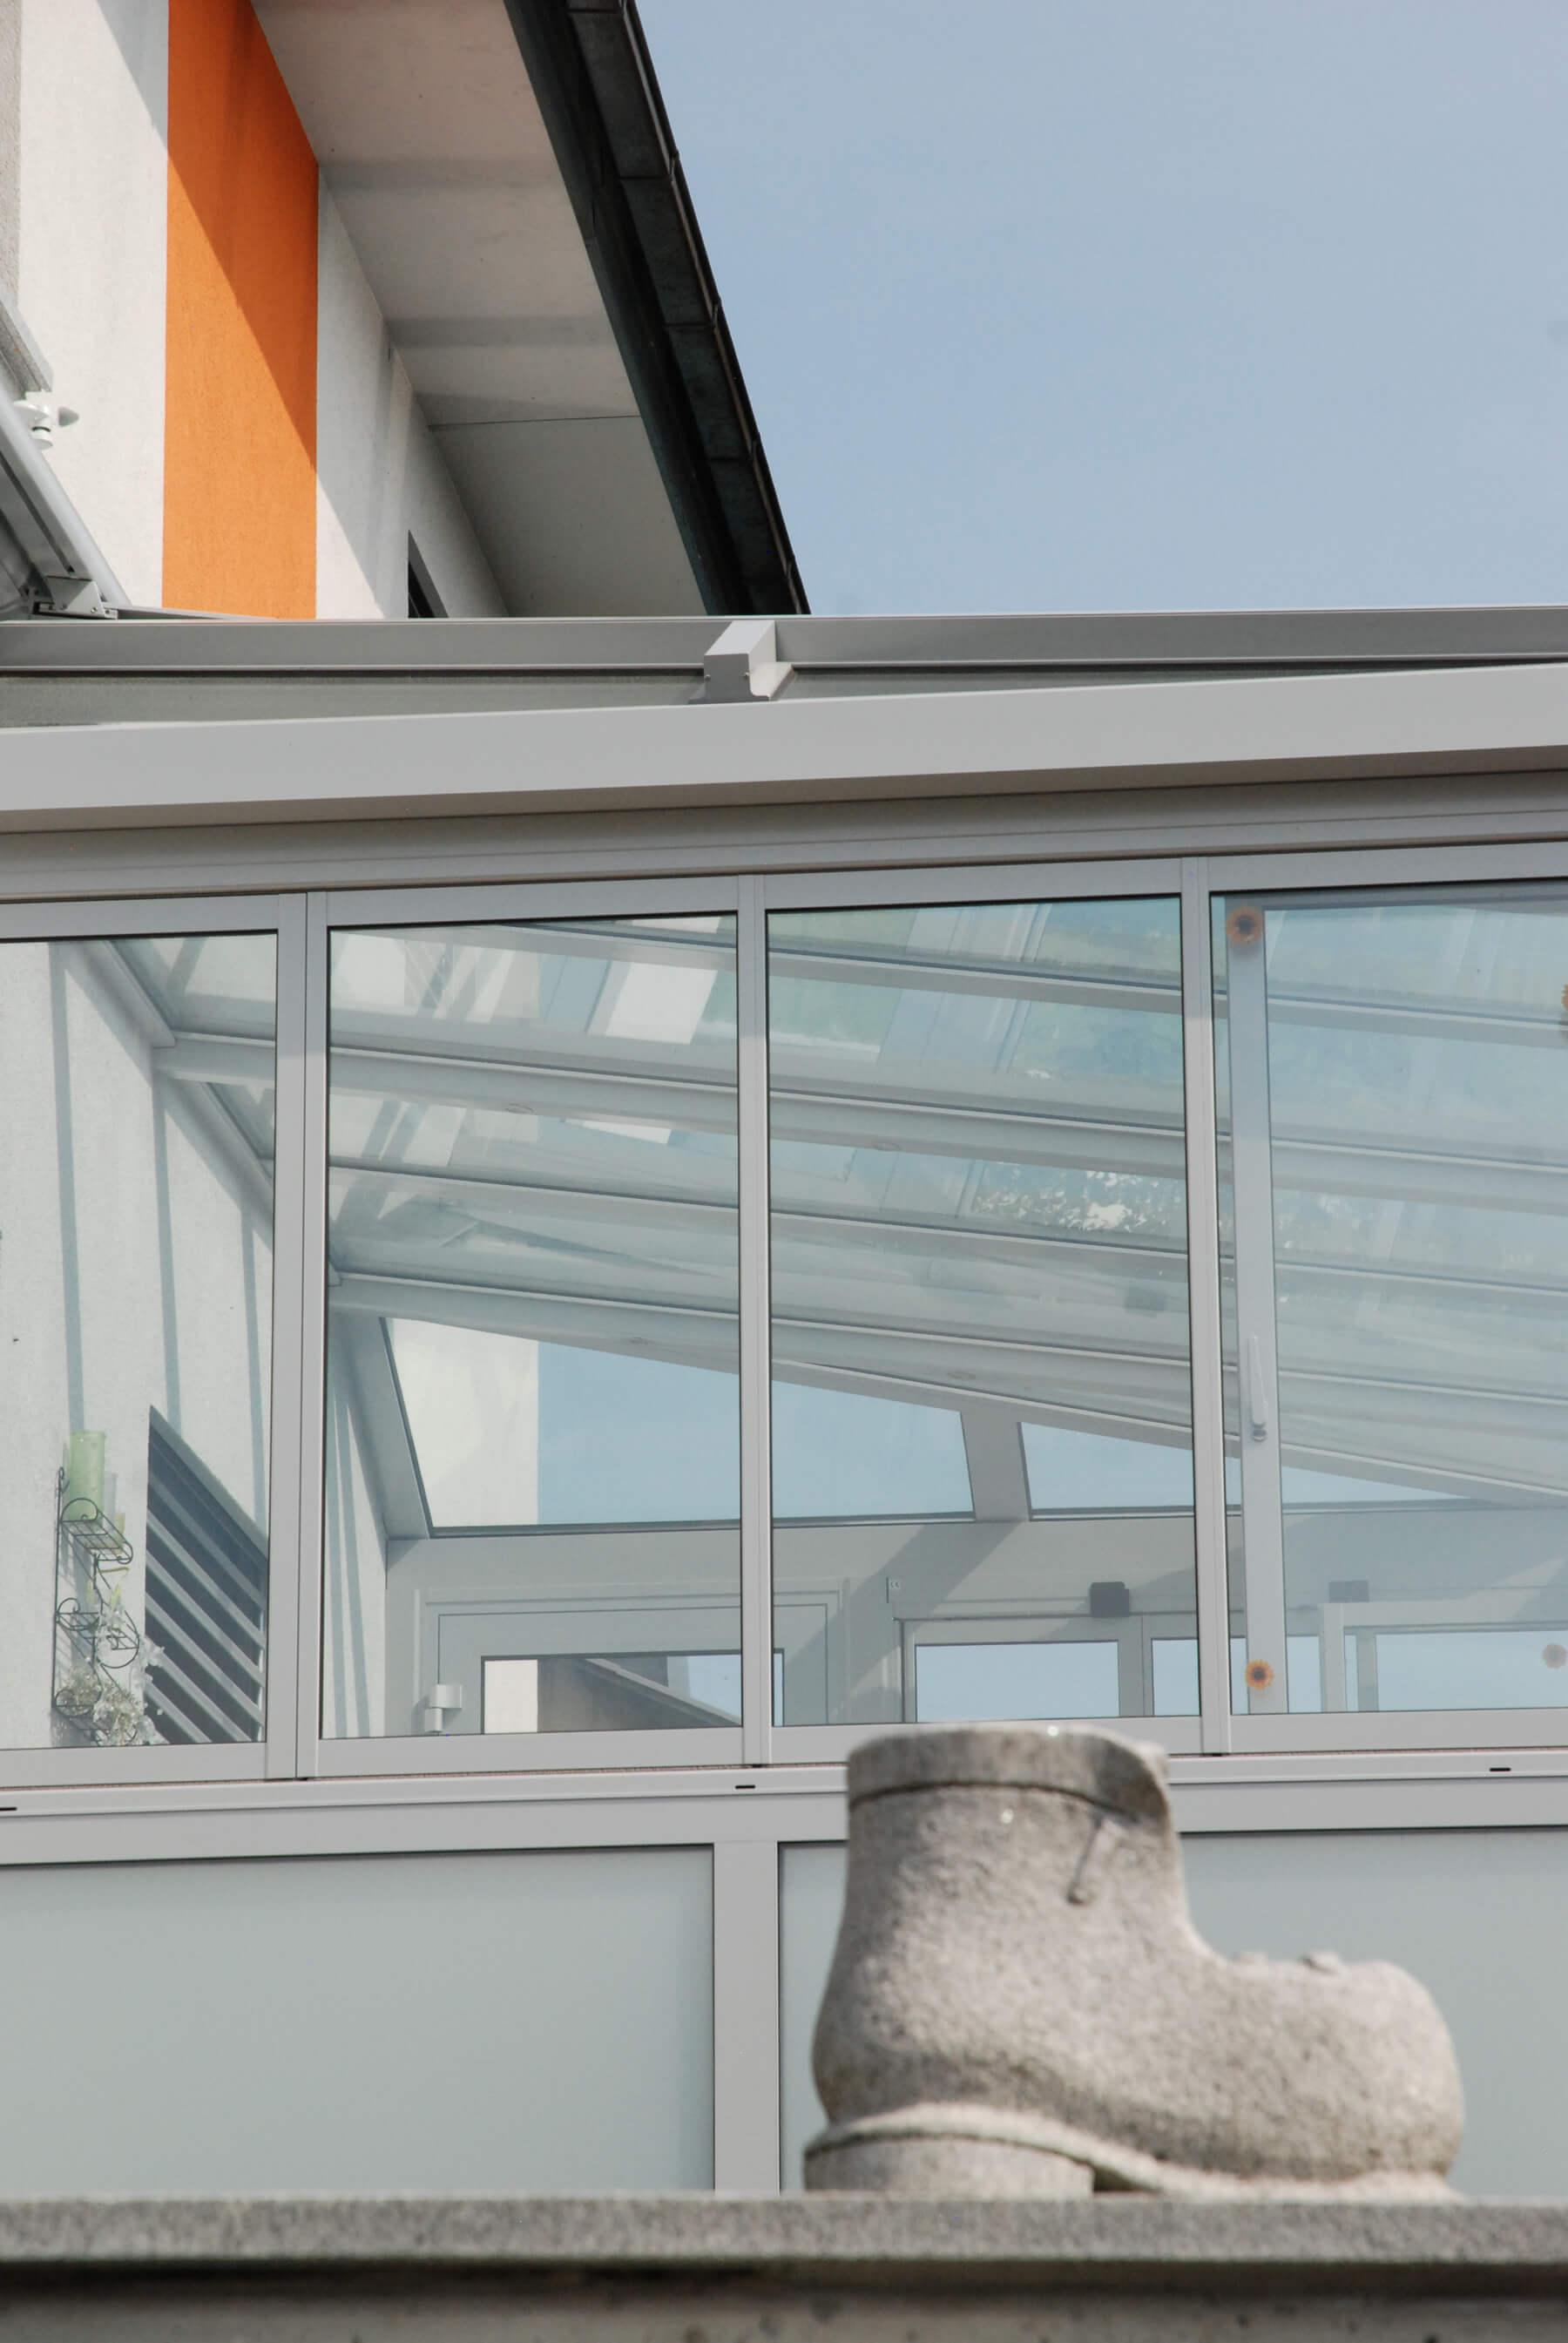 Wintergarten Falt-Dreh-Fenster